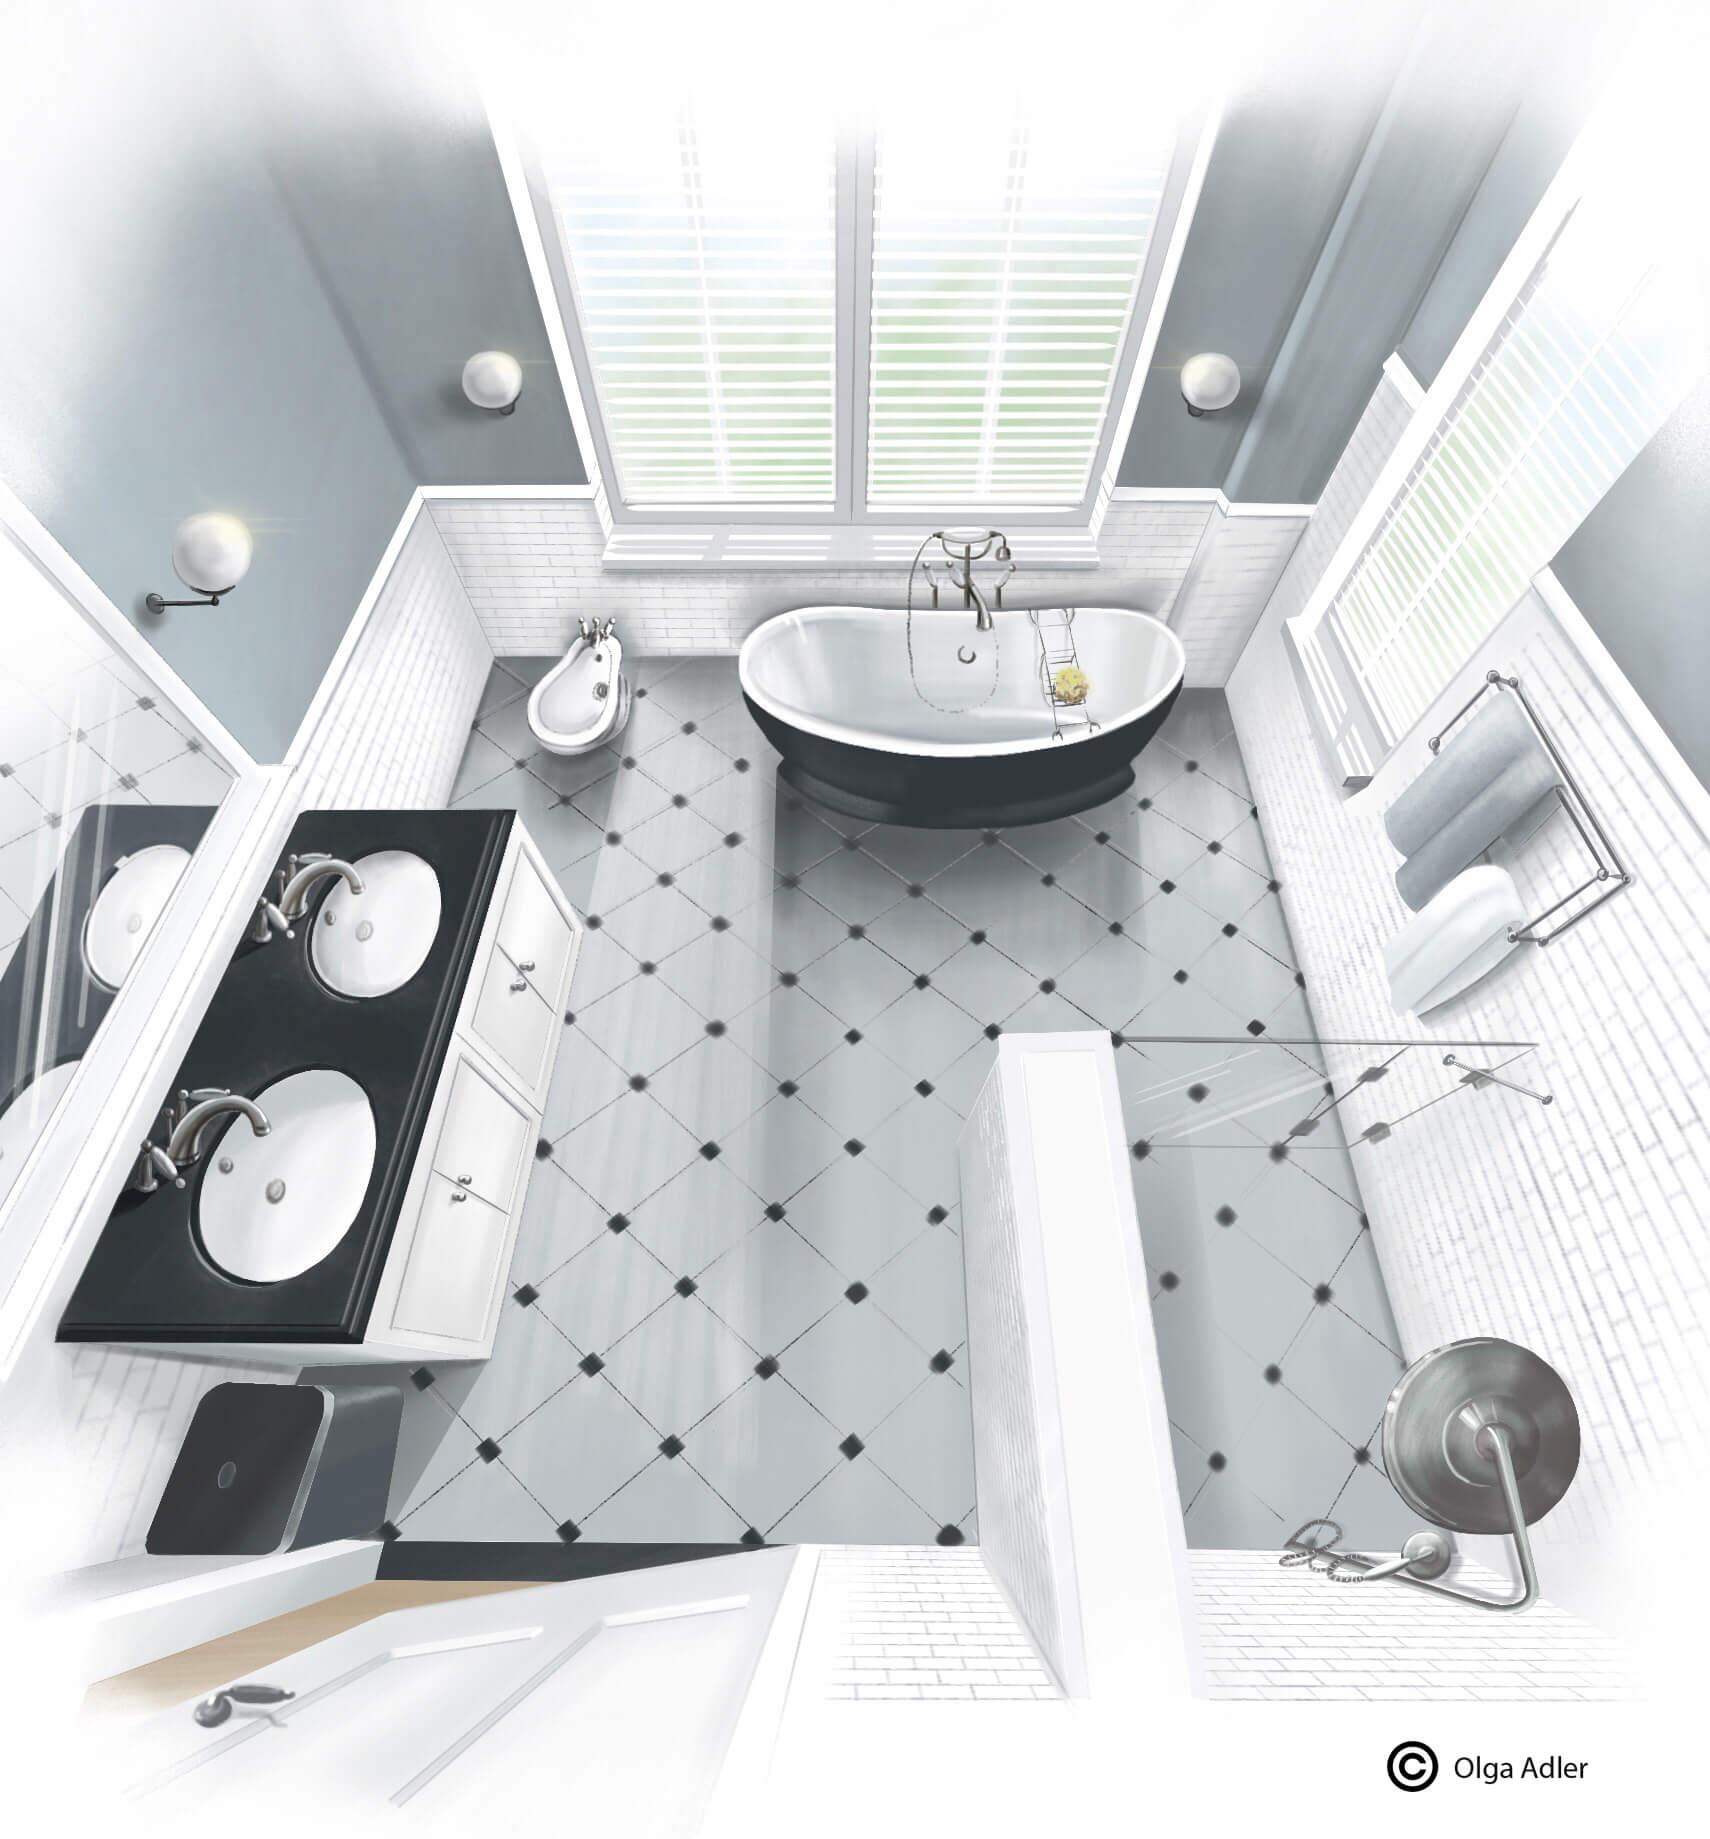 Realistische tekening Badkamer van boven af gezien in perspectief | Interior Sketch